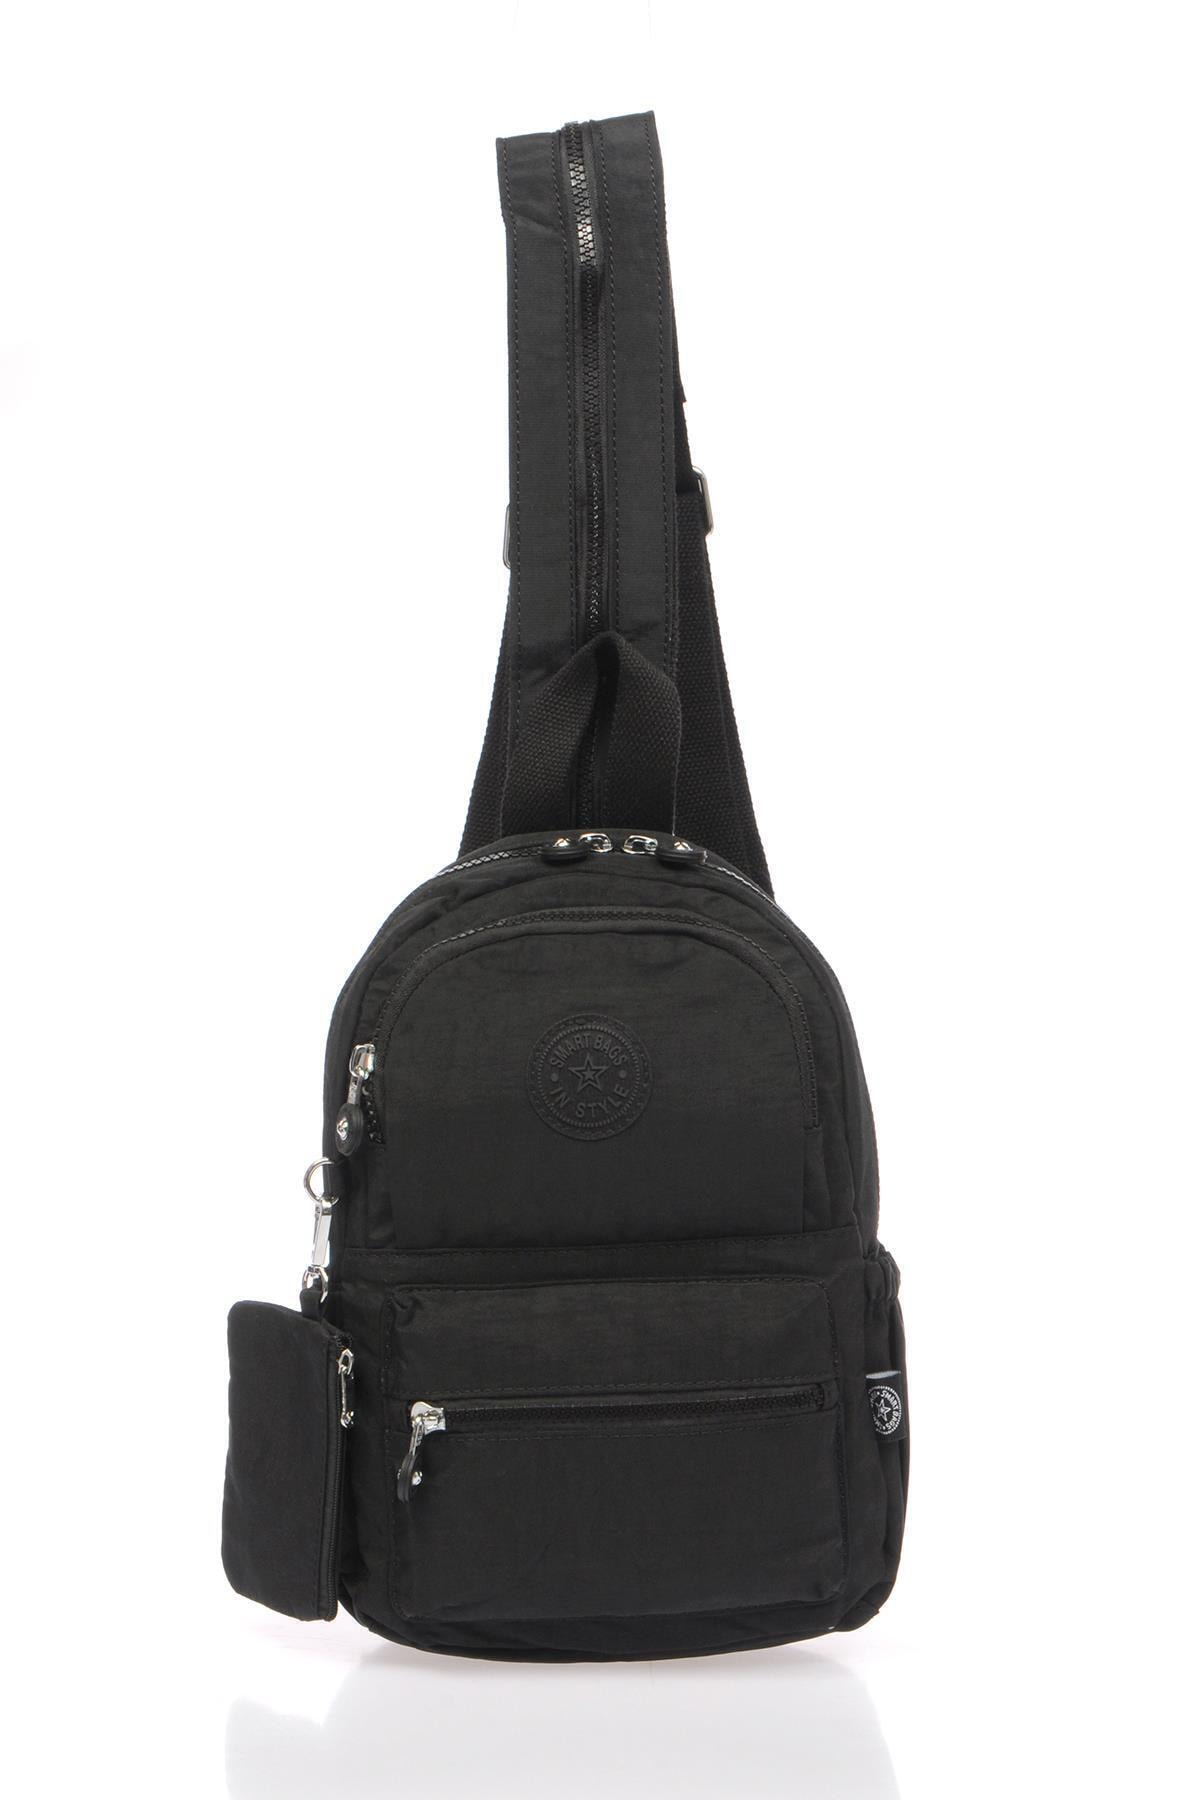 Smart Bags Smb1030-0001 Siyah Kadın Küçük Sırt Çantası